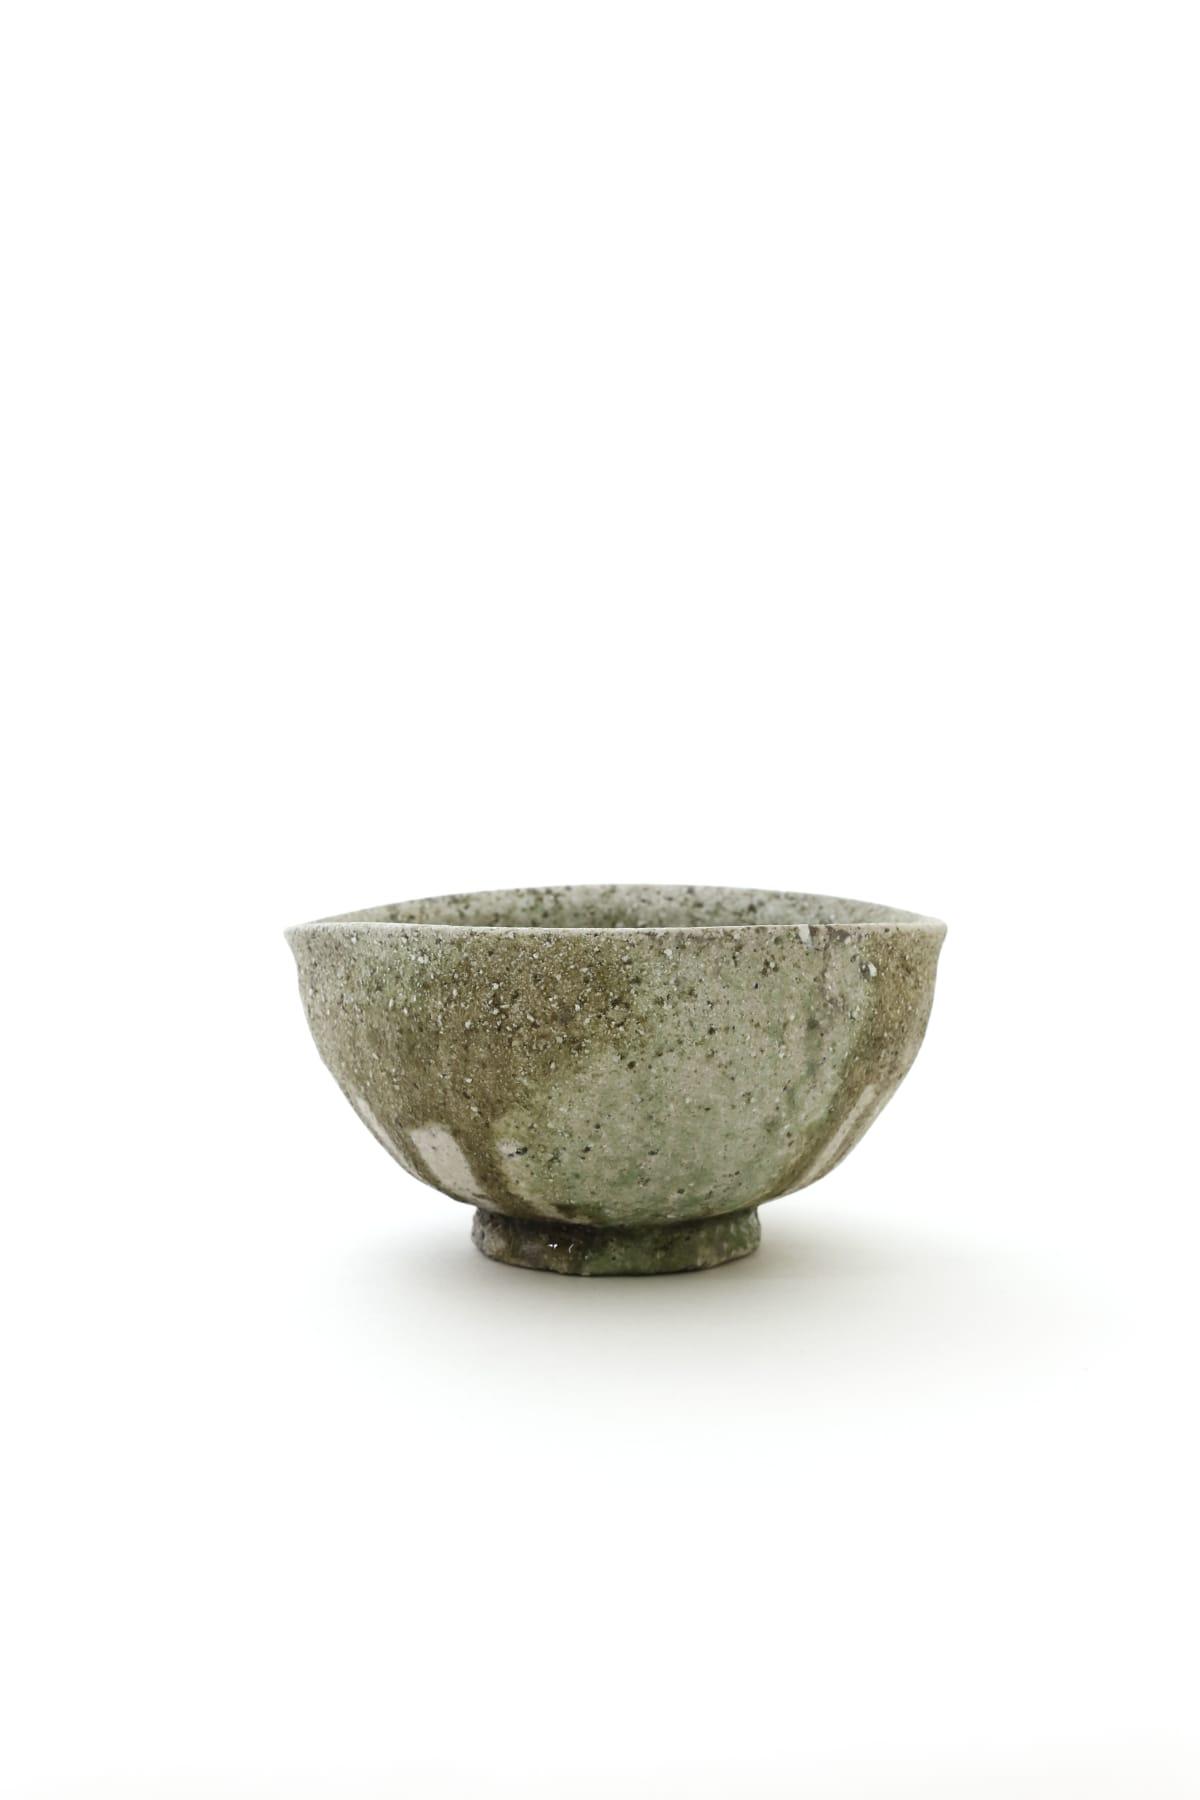 Yohen Kofuki Bowl